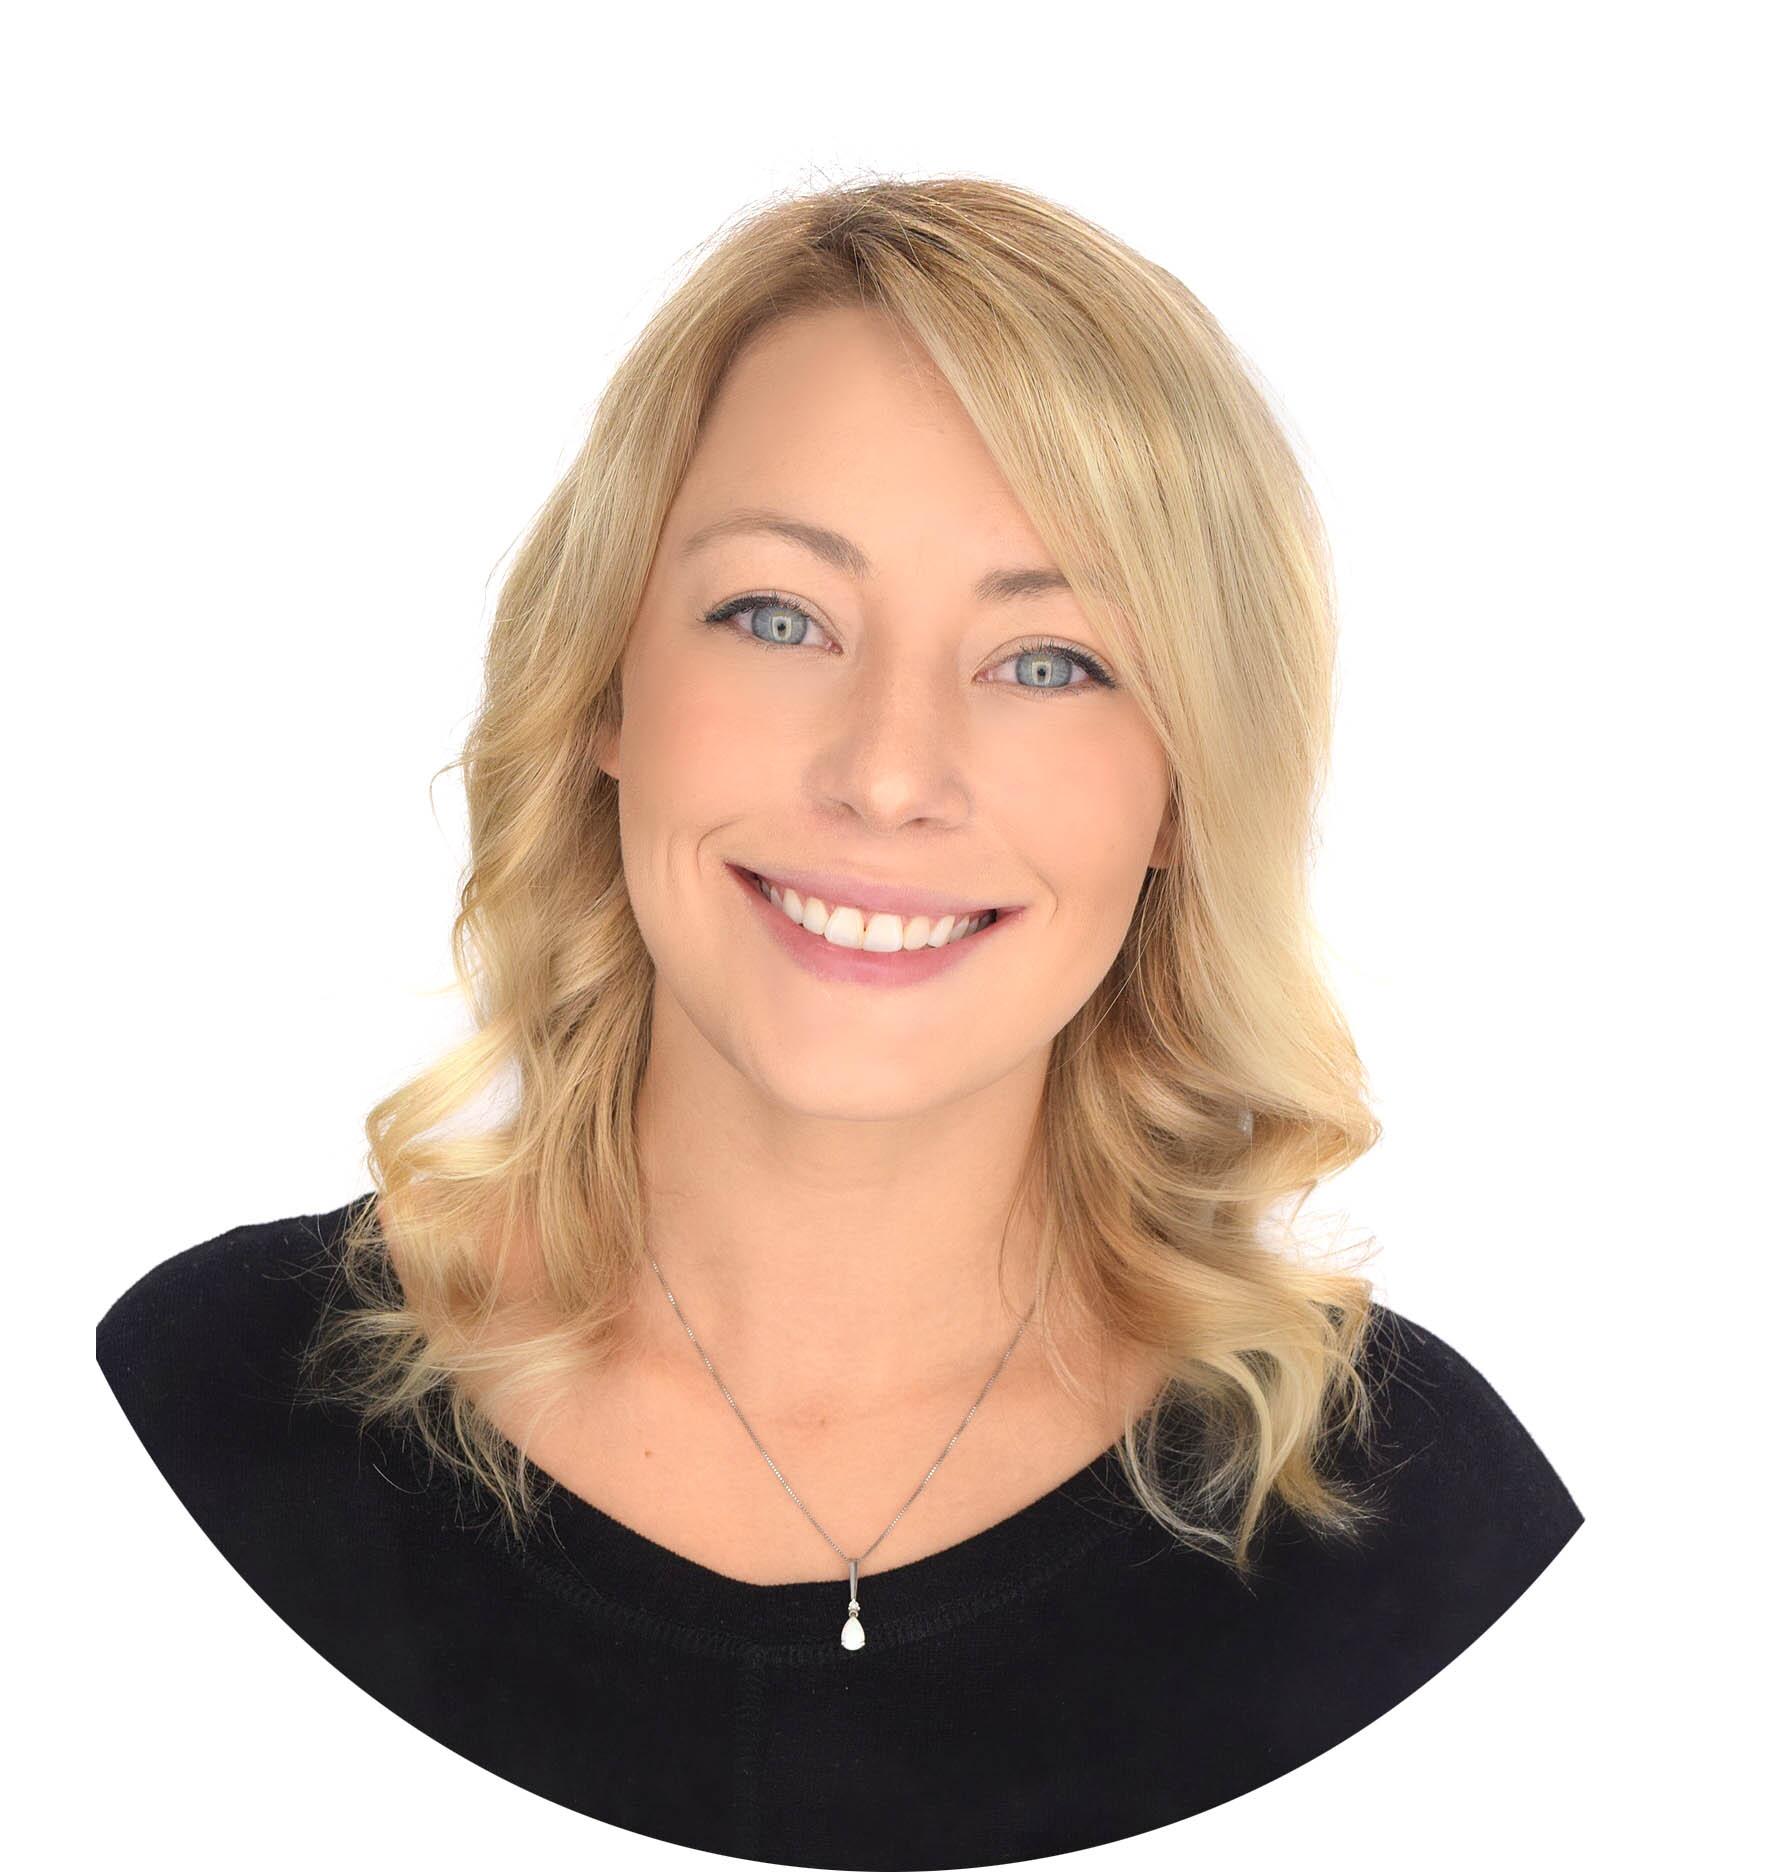 Brittany Nickerson RMT    Massage Therapist